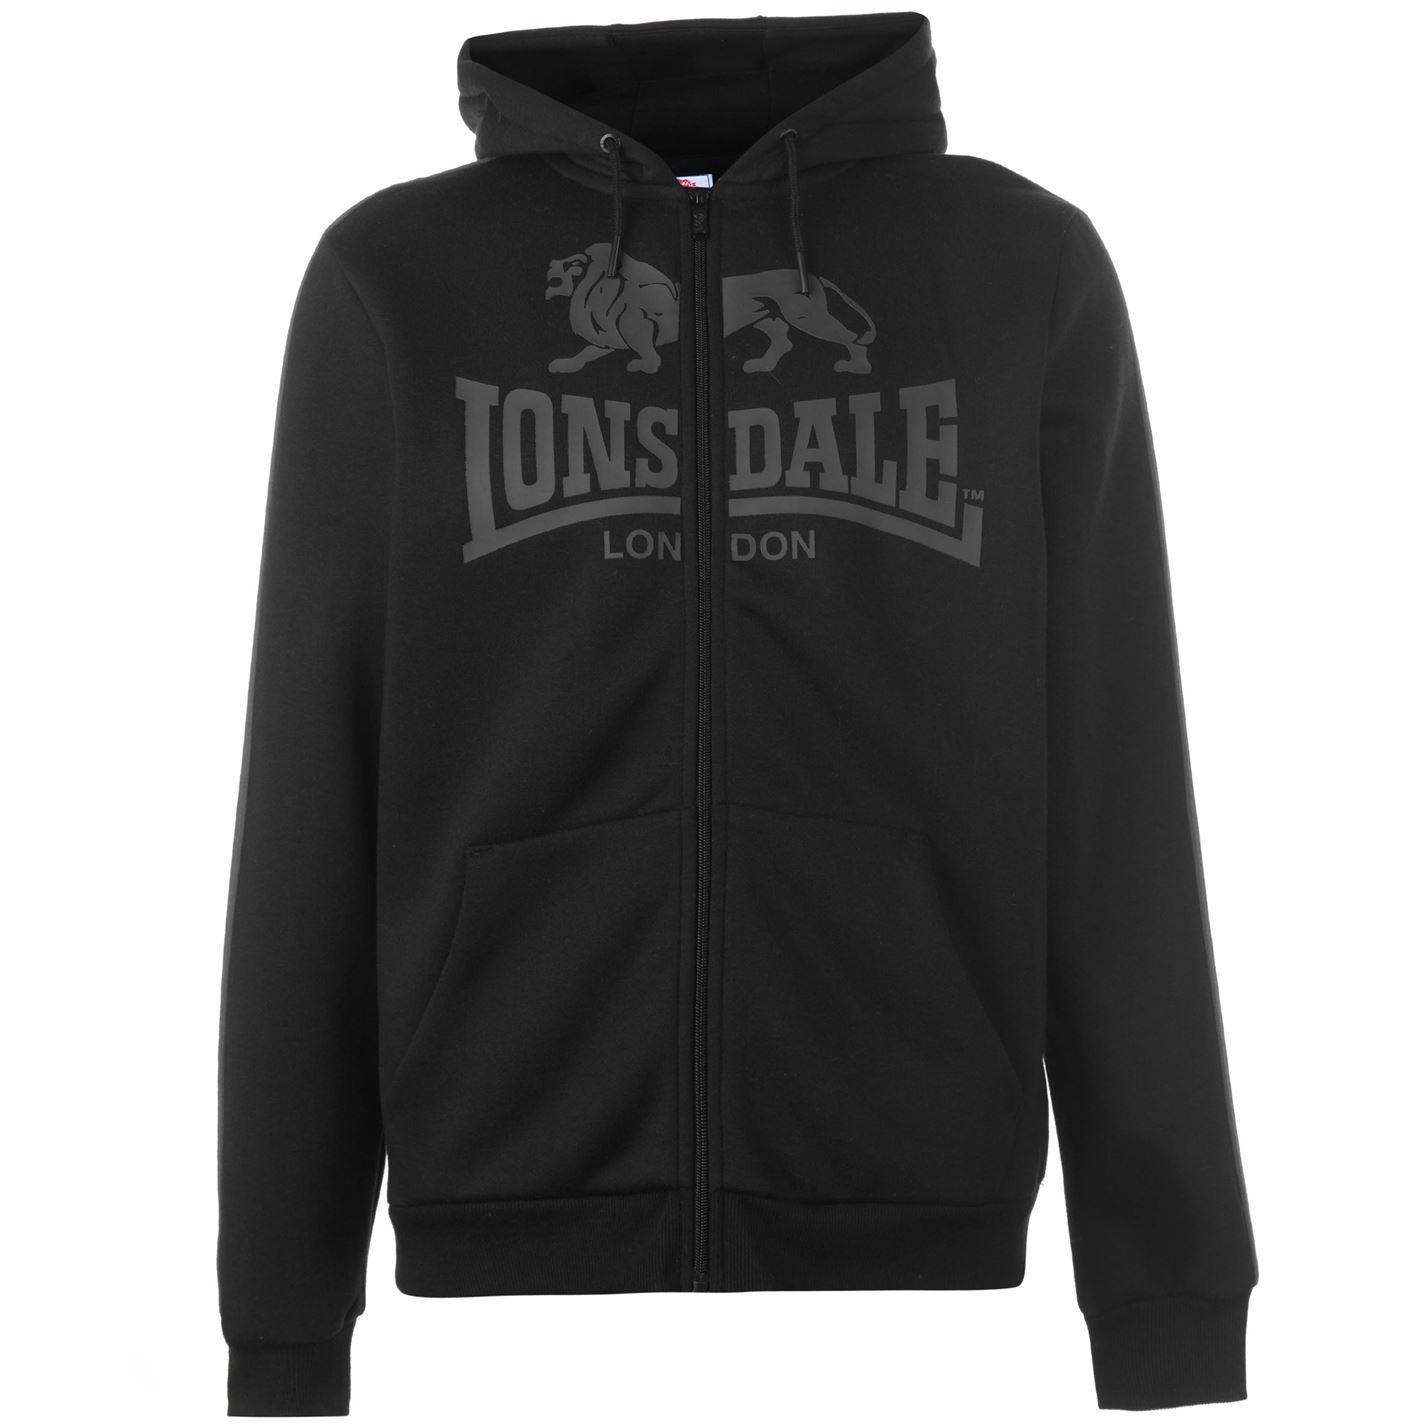 Lonsdale-2-Stripe-Logo-Full-Zip-Hoody-Mens-Hoodie-Top-Sweatshirt-Sweater thumbnail 5